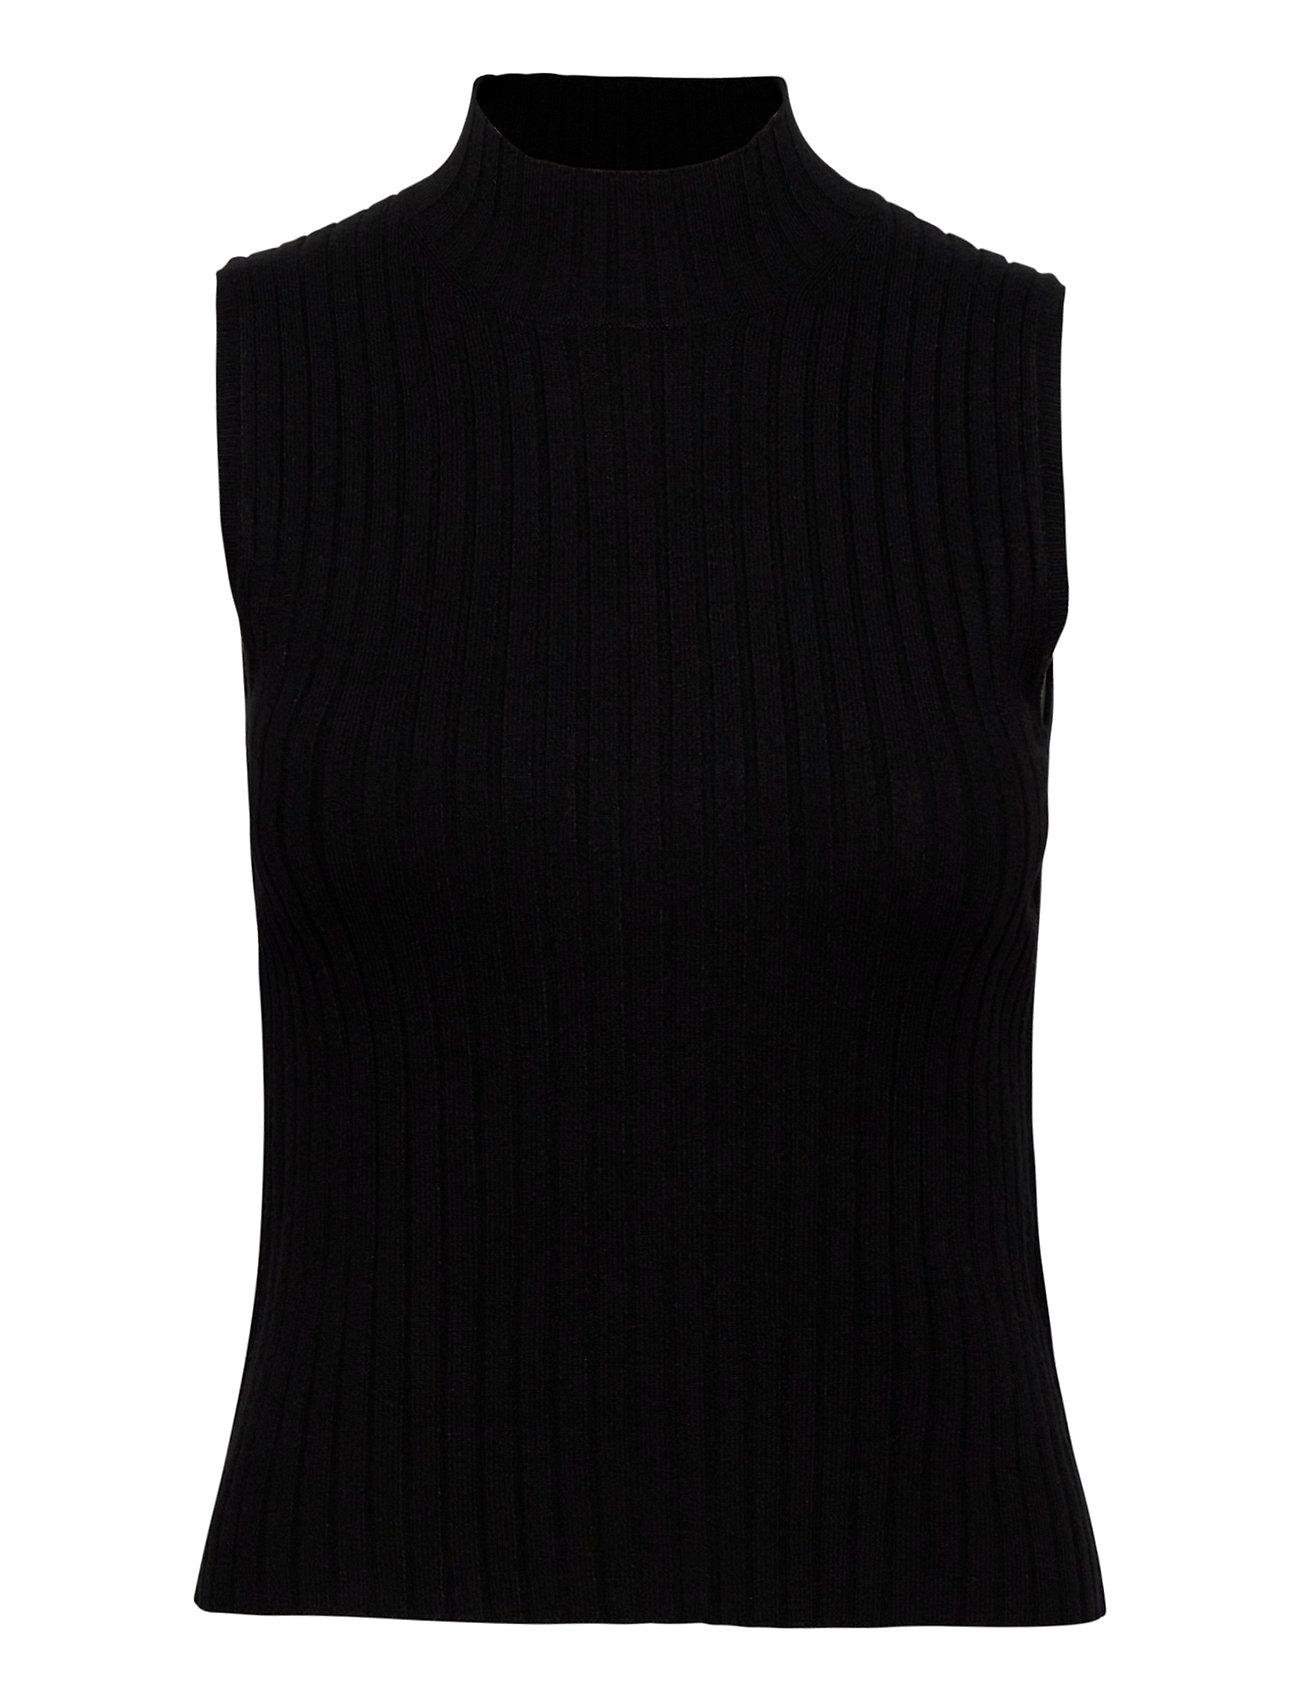 Image of Enmichael Sl Knit 5239 Vests Knitted Vests Sort Envii (3461978821)